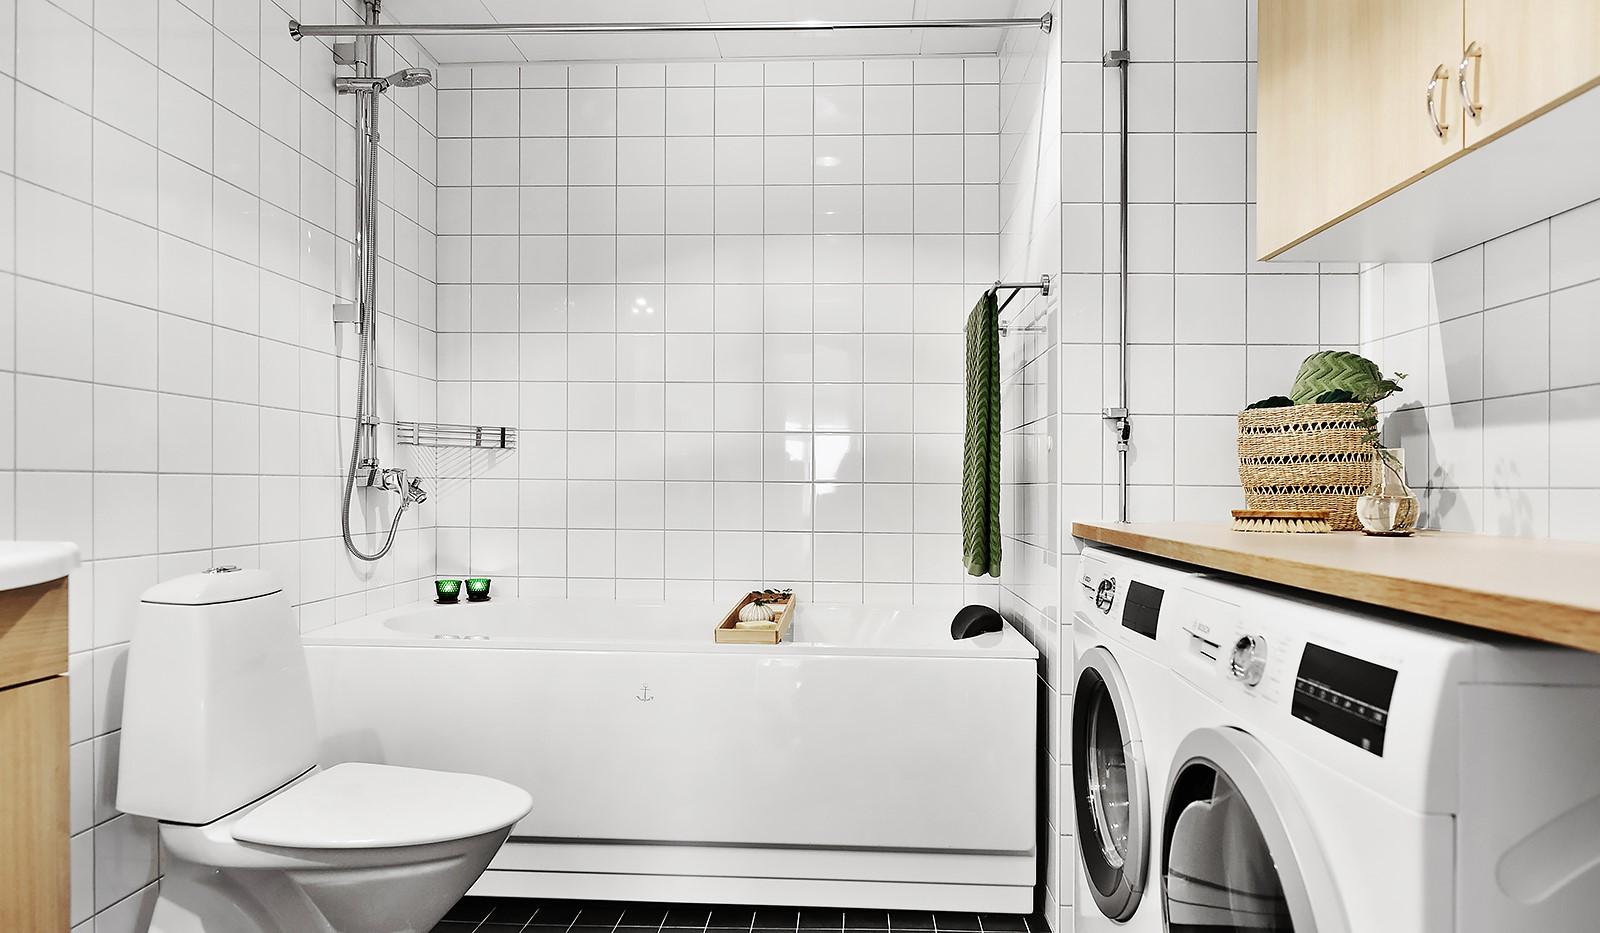 Vingårdsgatan 7, 6/7 tr - Badrum med badkar, tvättavdelning och golvvärme